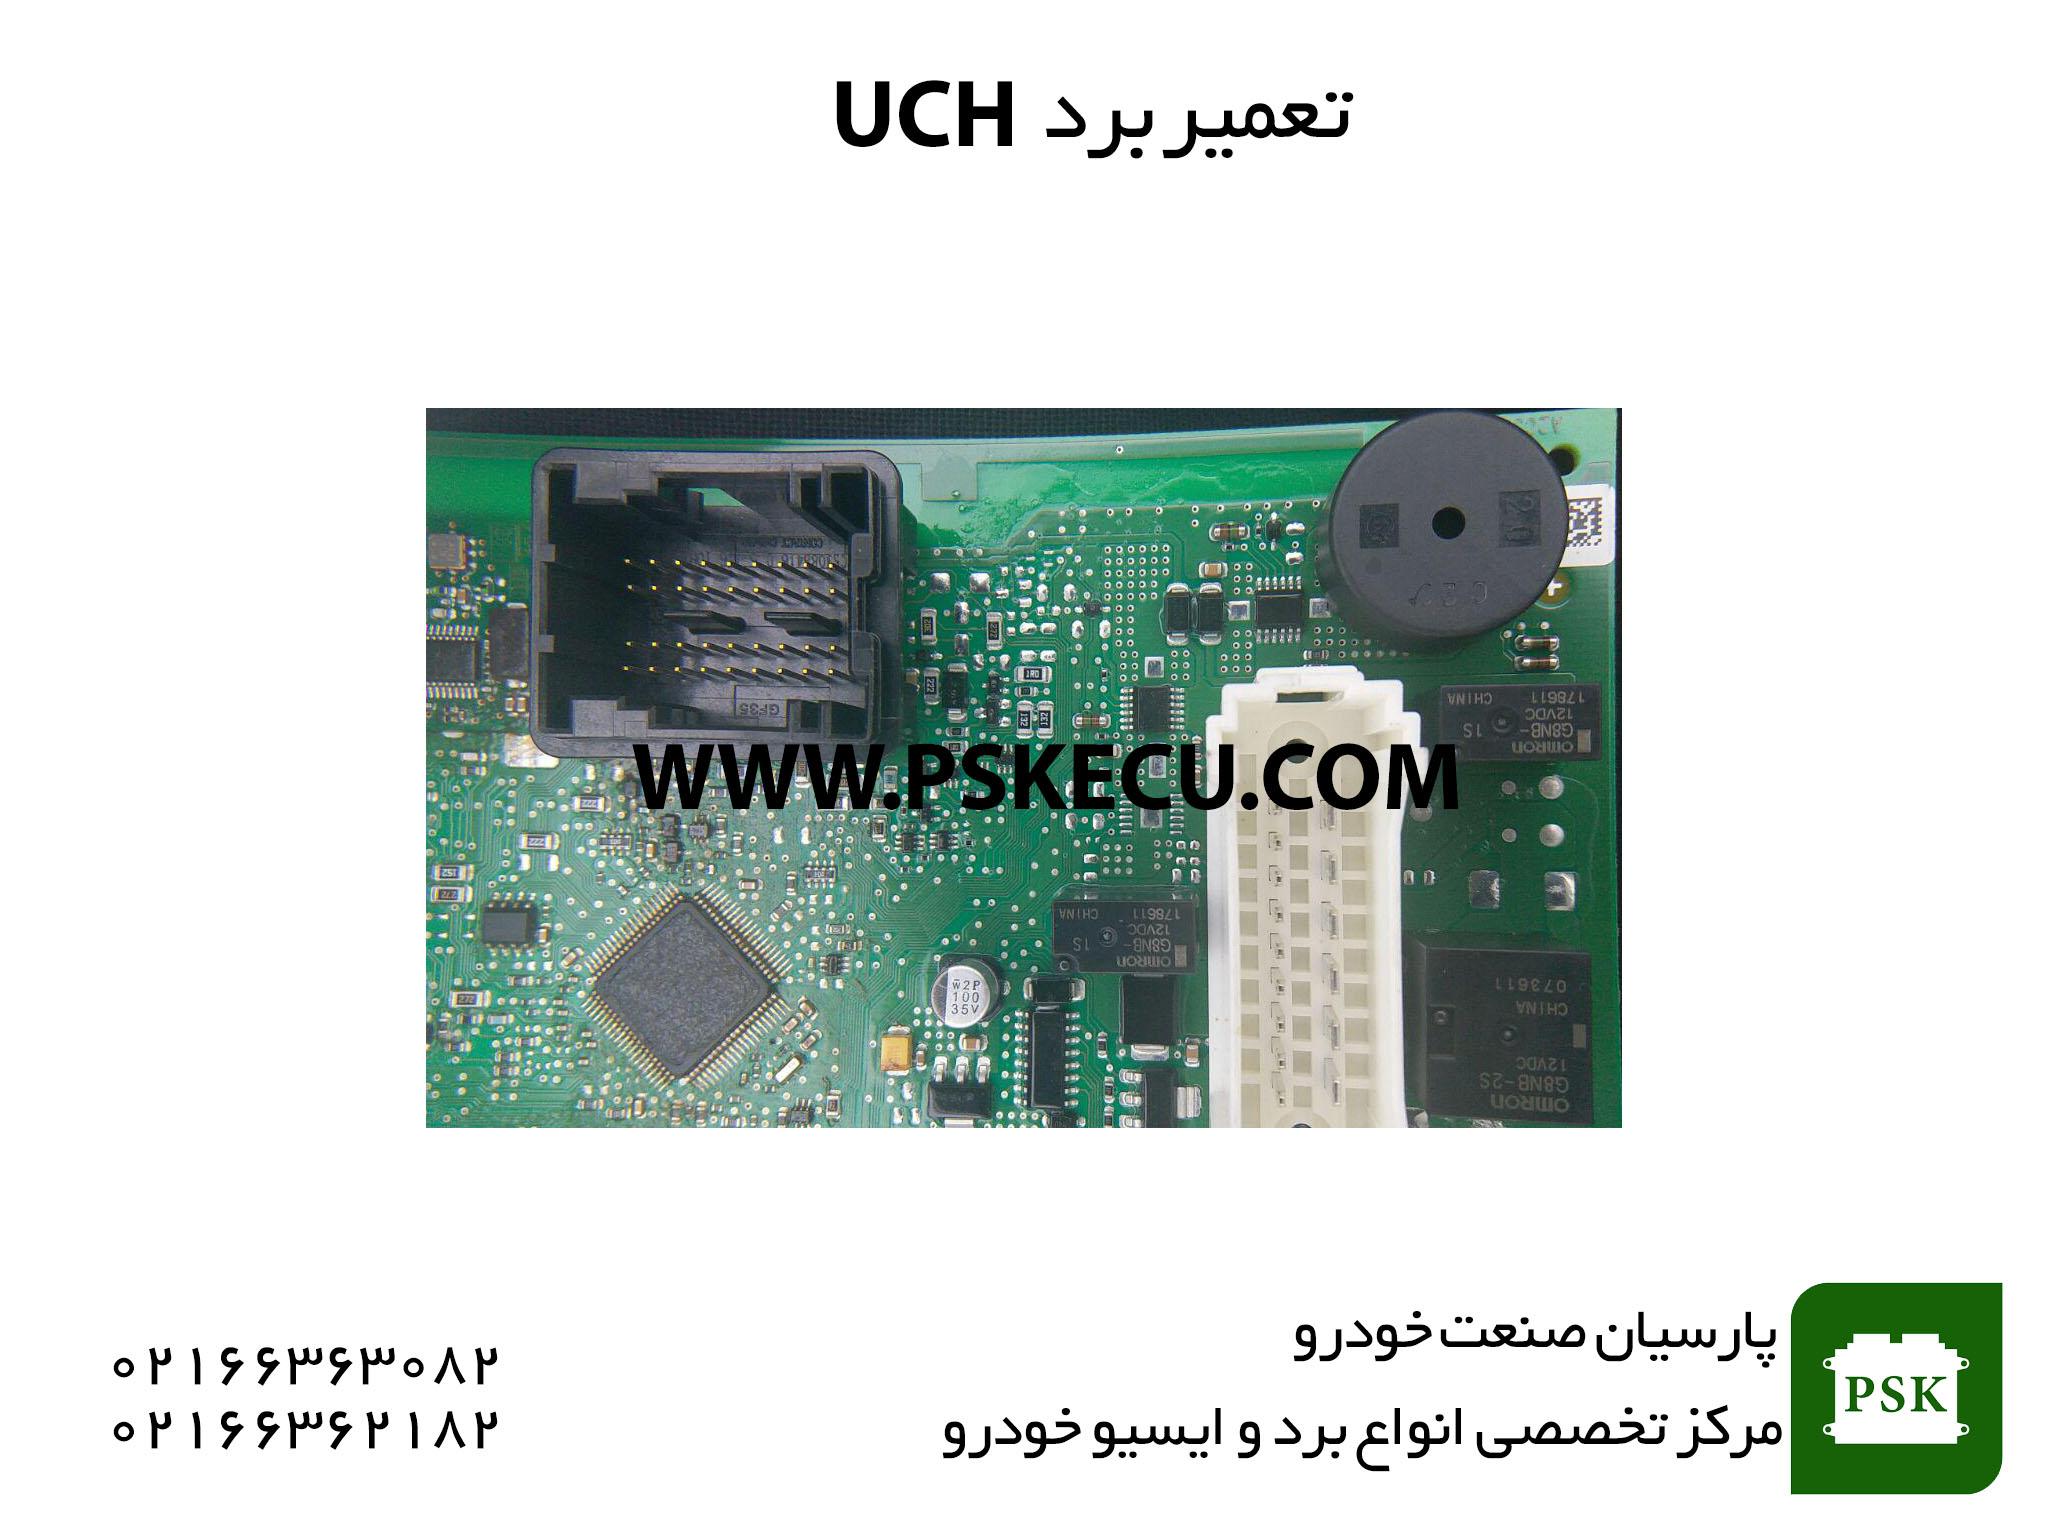 تعمیر برد UCH – تعمیر یونیت UCH – تعمیر برد الکترونیکی UCH